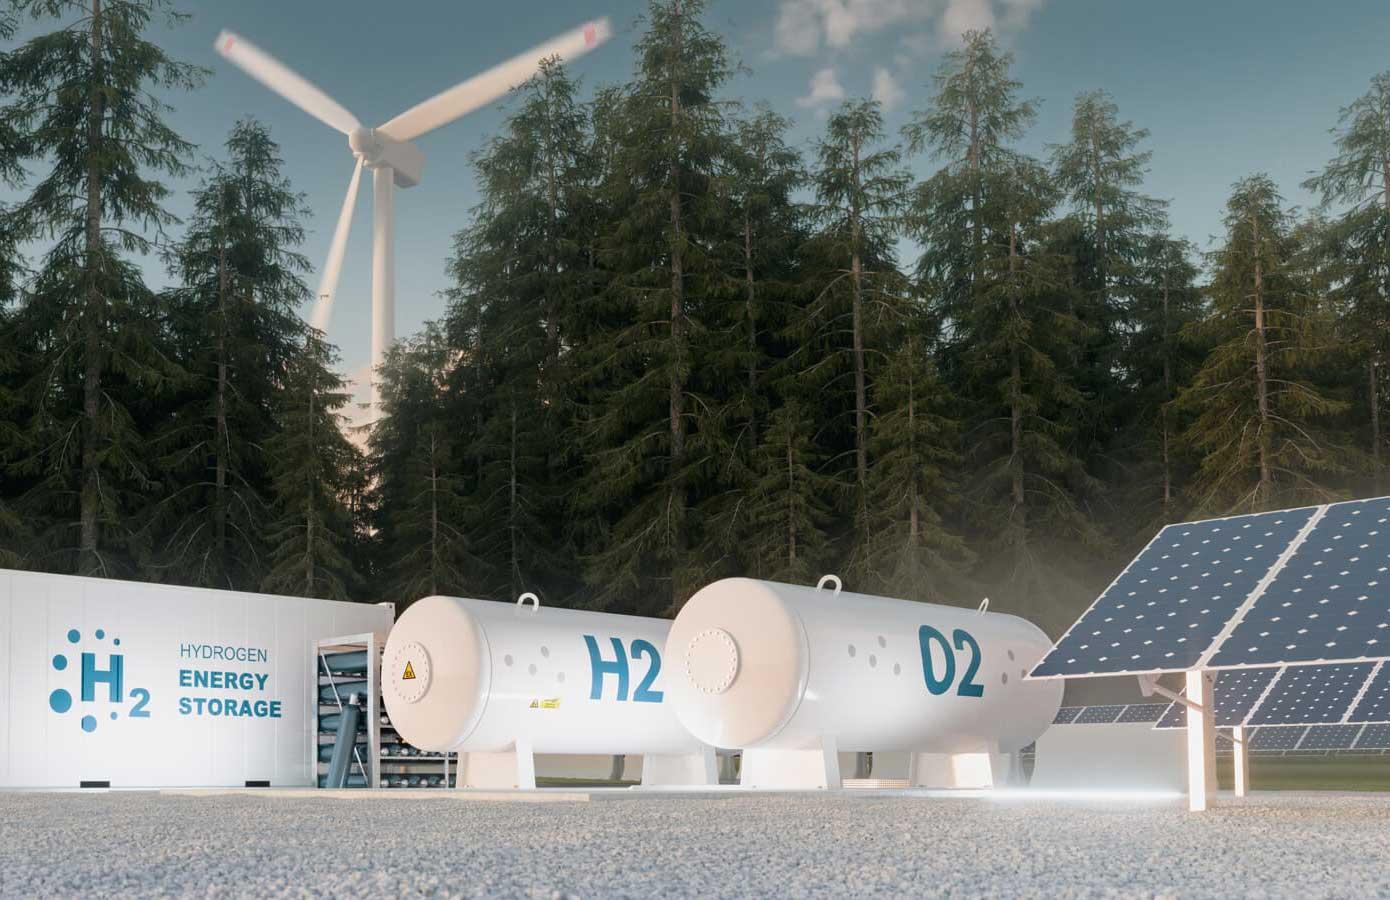 Hydrogène par électrolyse : la production en Europe devrait atteindre 2,7 GW d'ici 2025